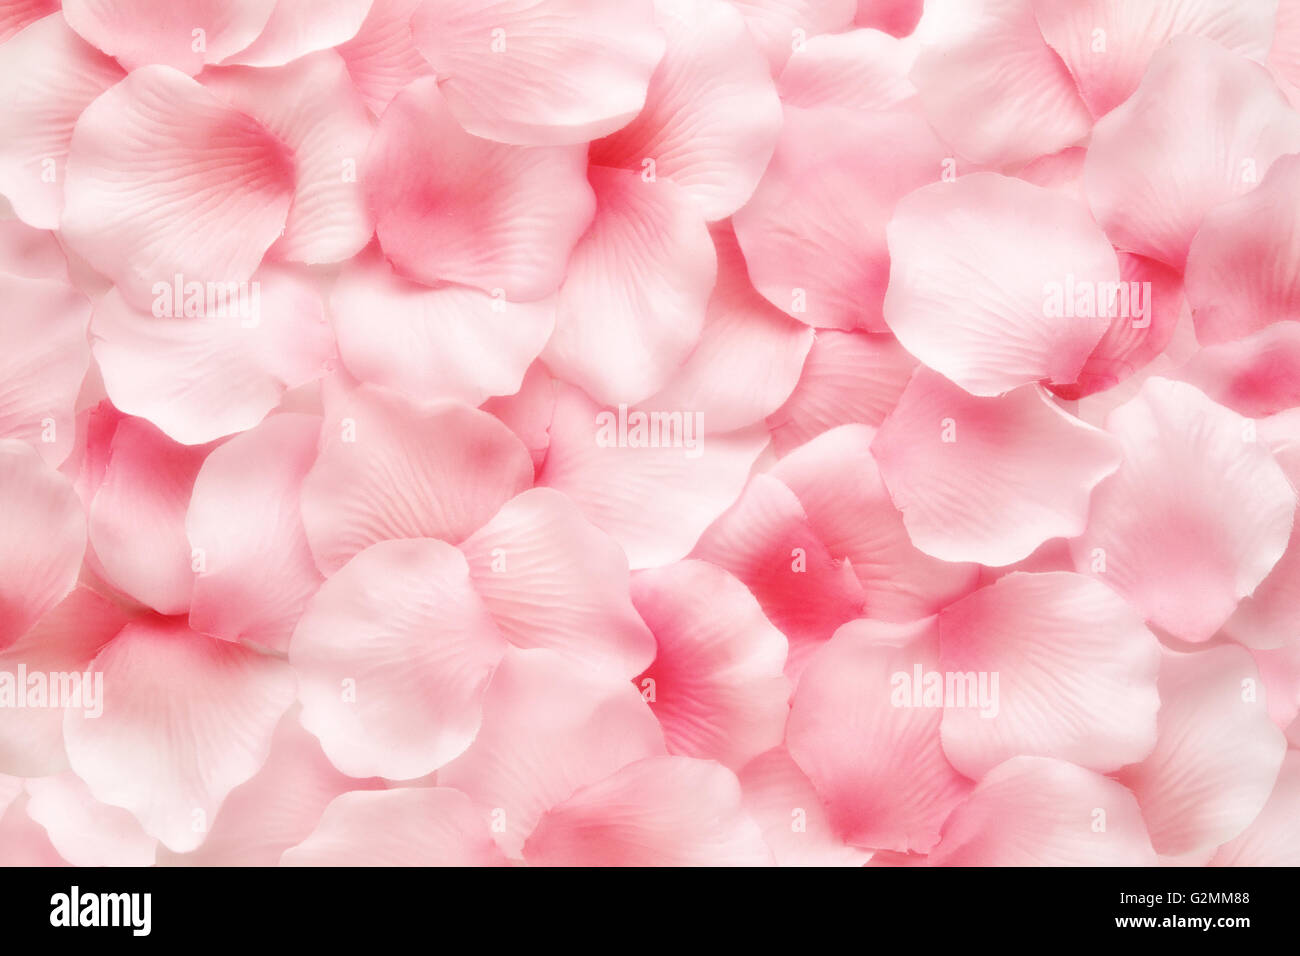 Belle rose pétale de rose délicate texture d'arrière-plan Photo Stock